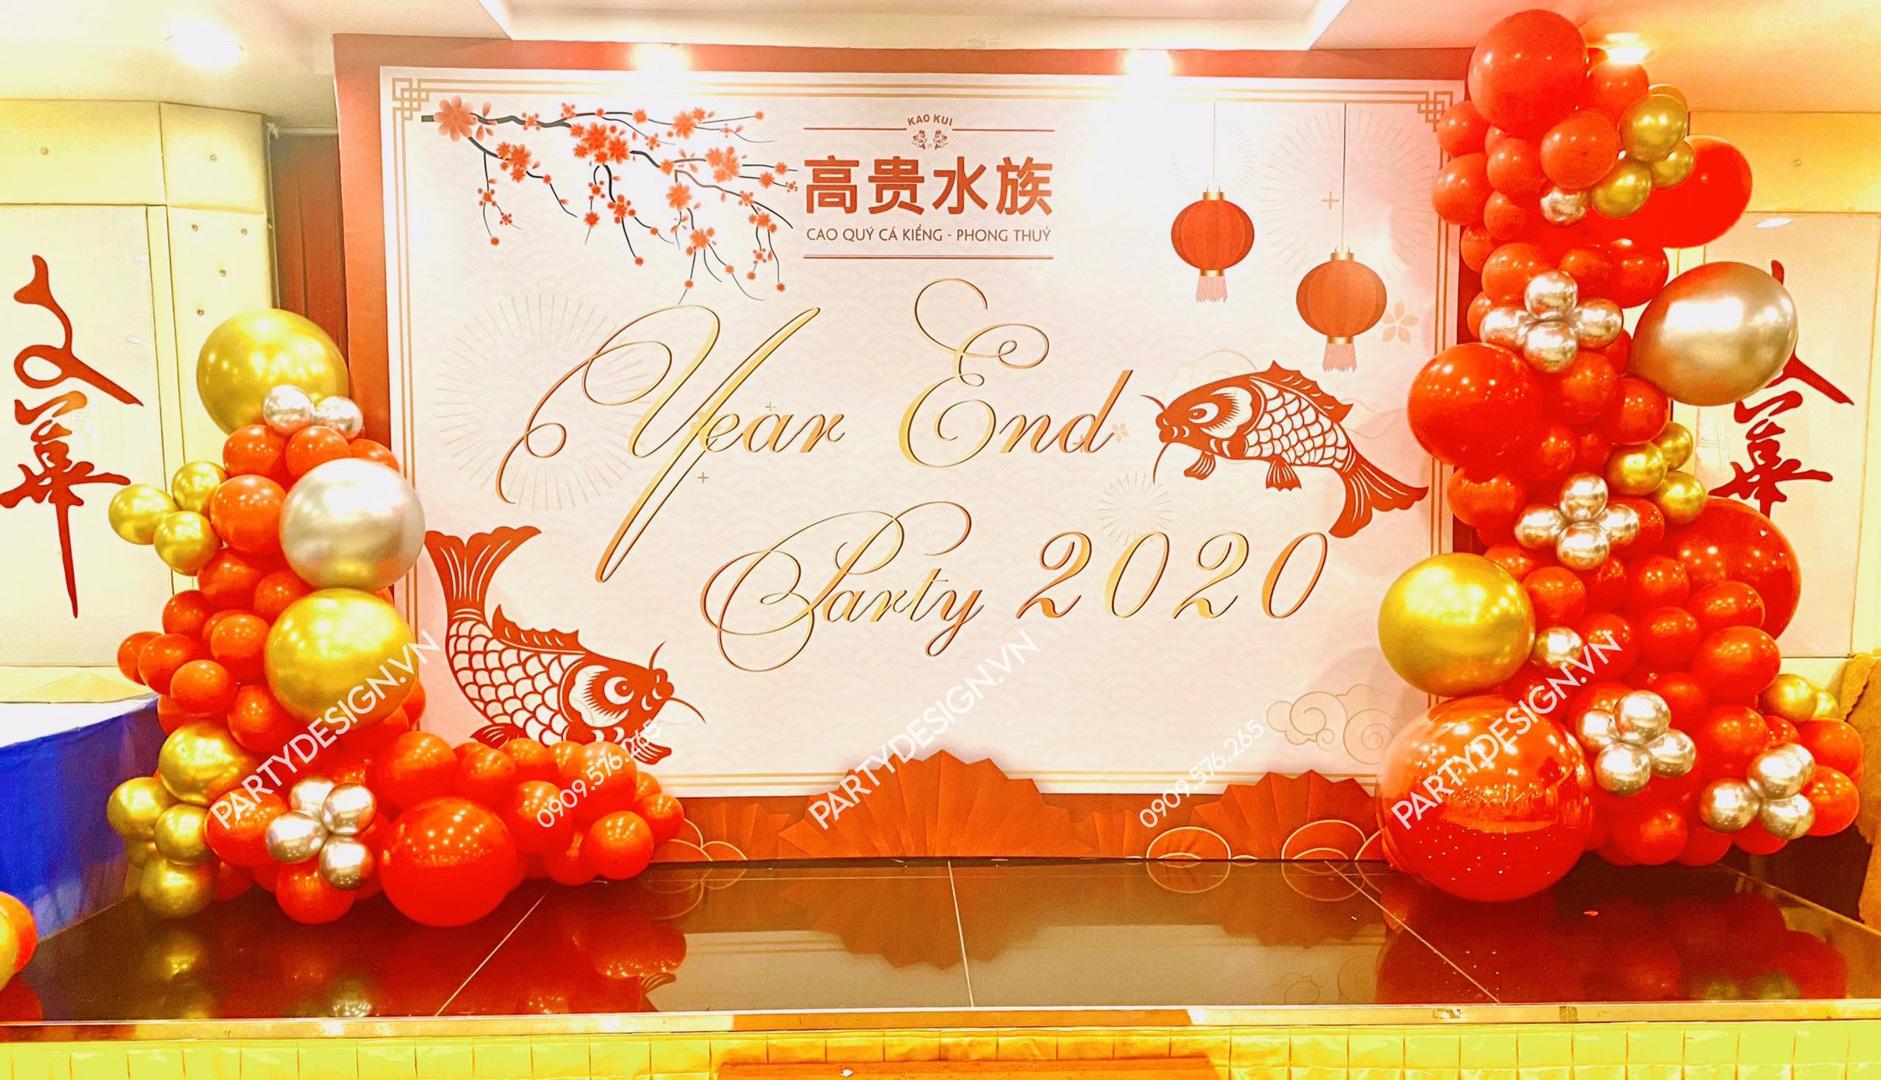 Backdrop Year End Party Tất Niên - cá chép và lồng đèn - phong cách Trung Hoa - Cá Cảnh Cao Quý